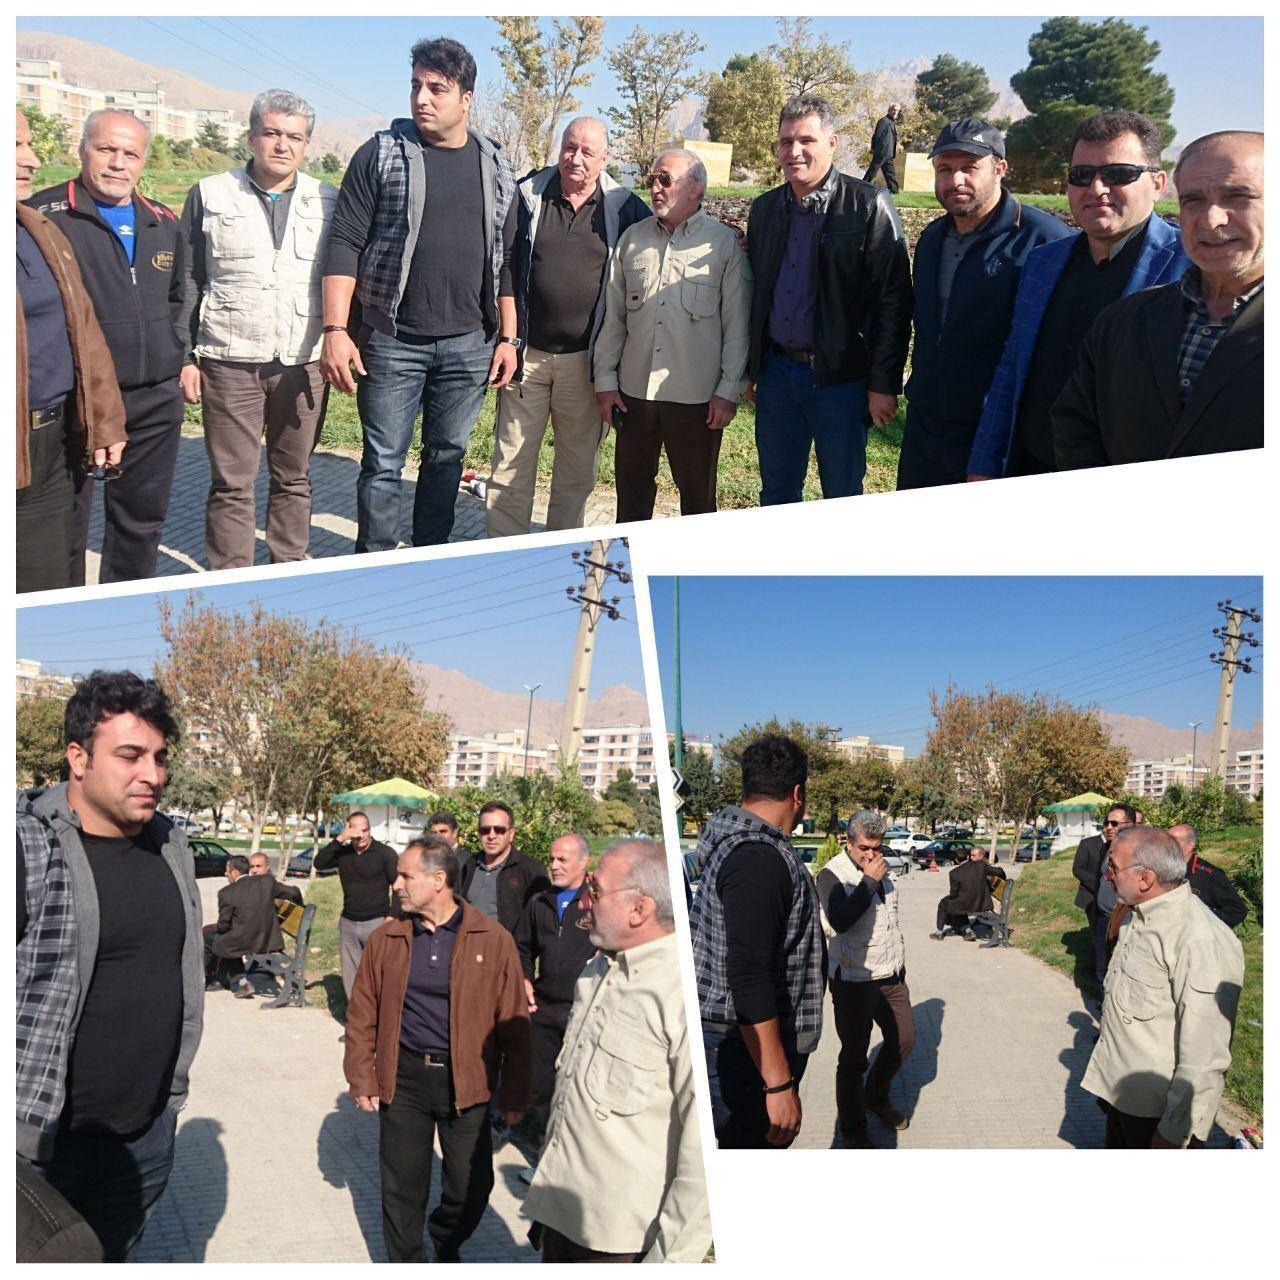 احسان حدادی,مهدی مهدویکیا,کشتی فرنگی,کشتی آزاد,علی دایی